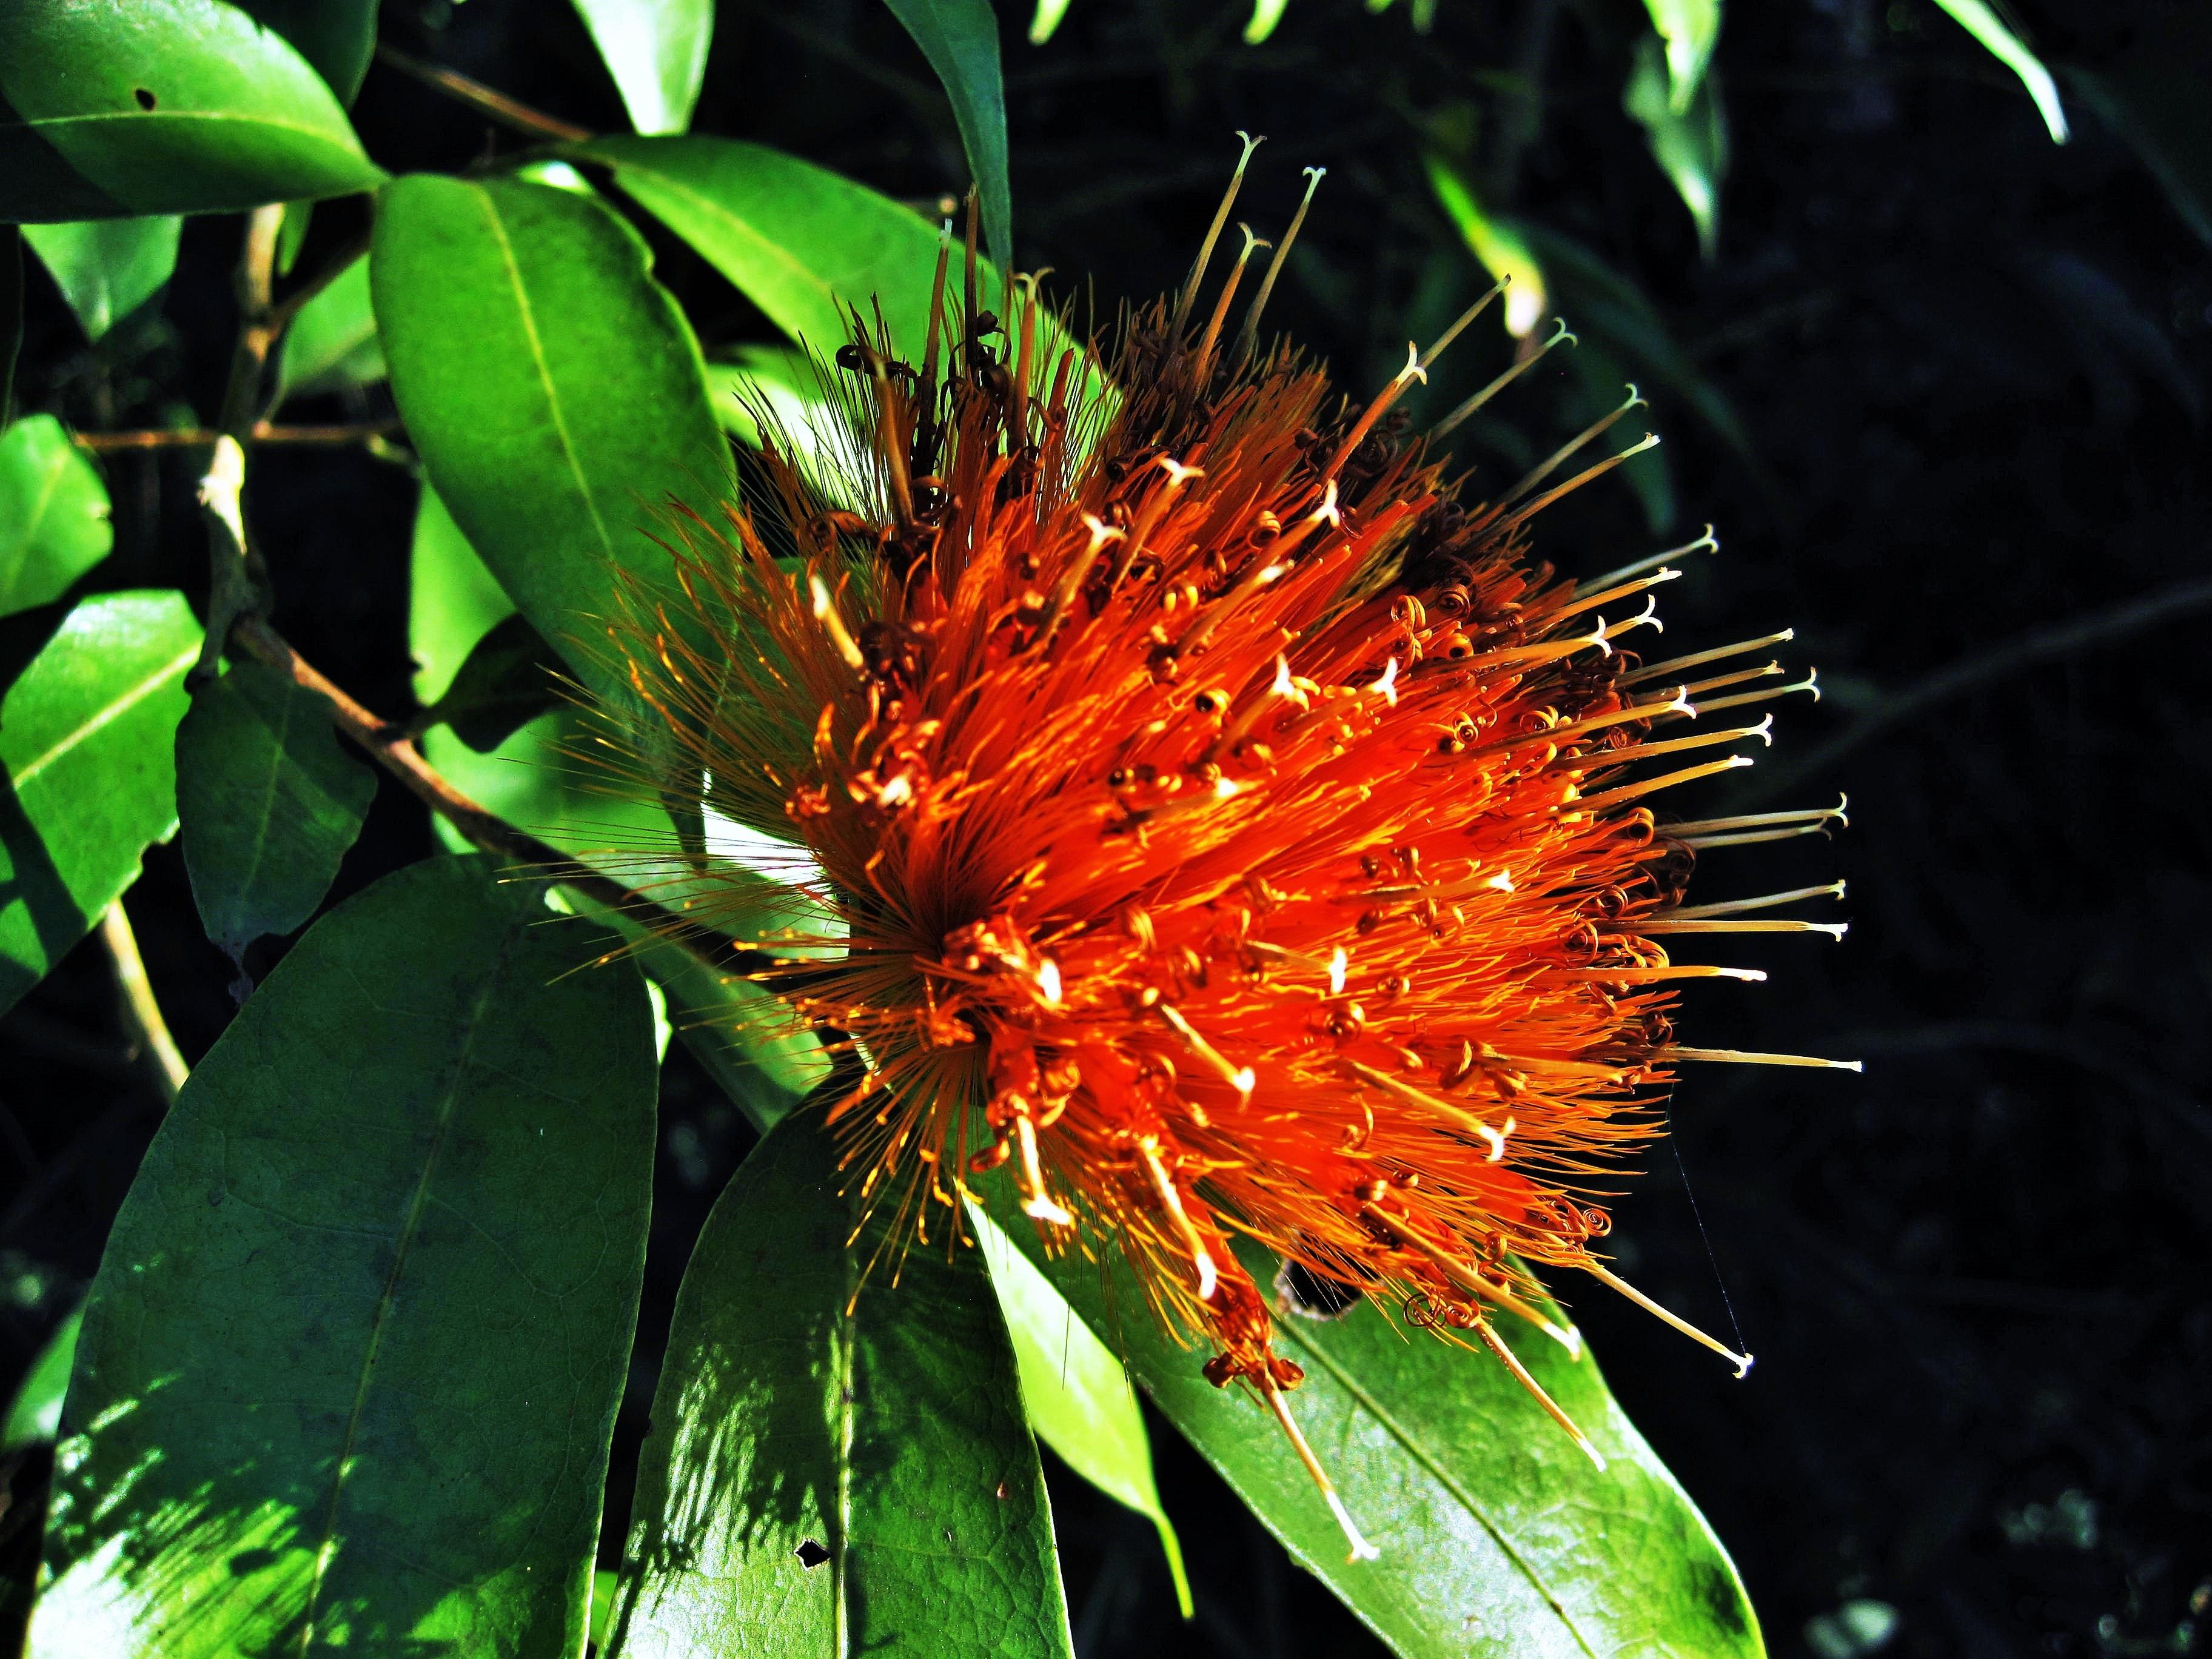 Extrêmement Images Gratuites : arbre, la nature, fleur, feuille, Floraison  HC88